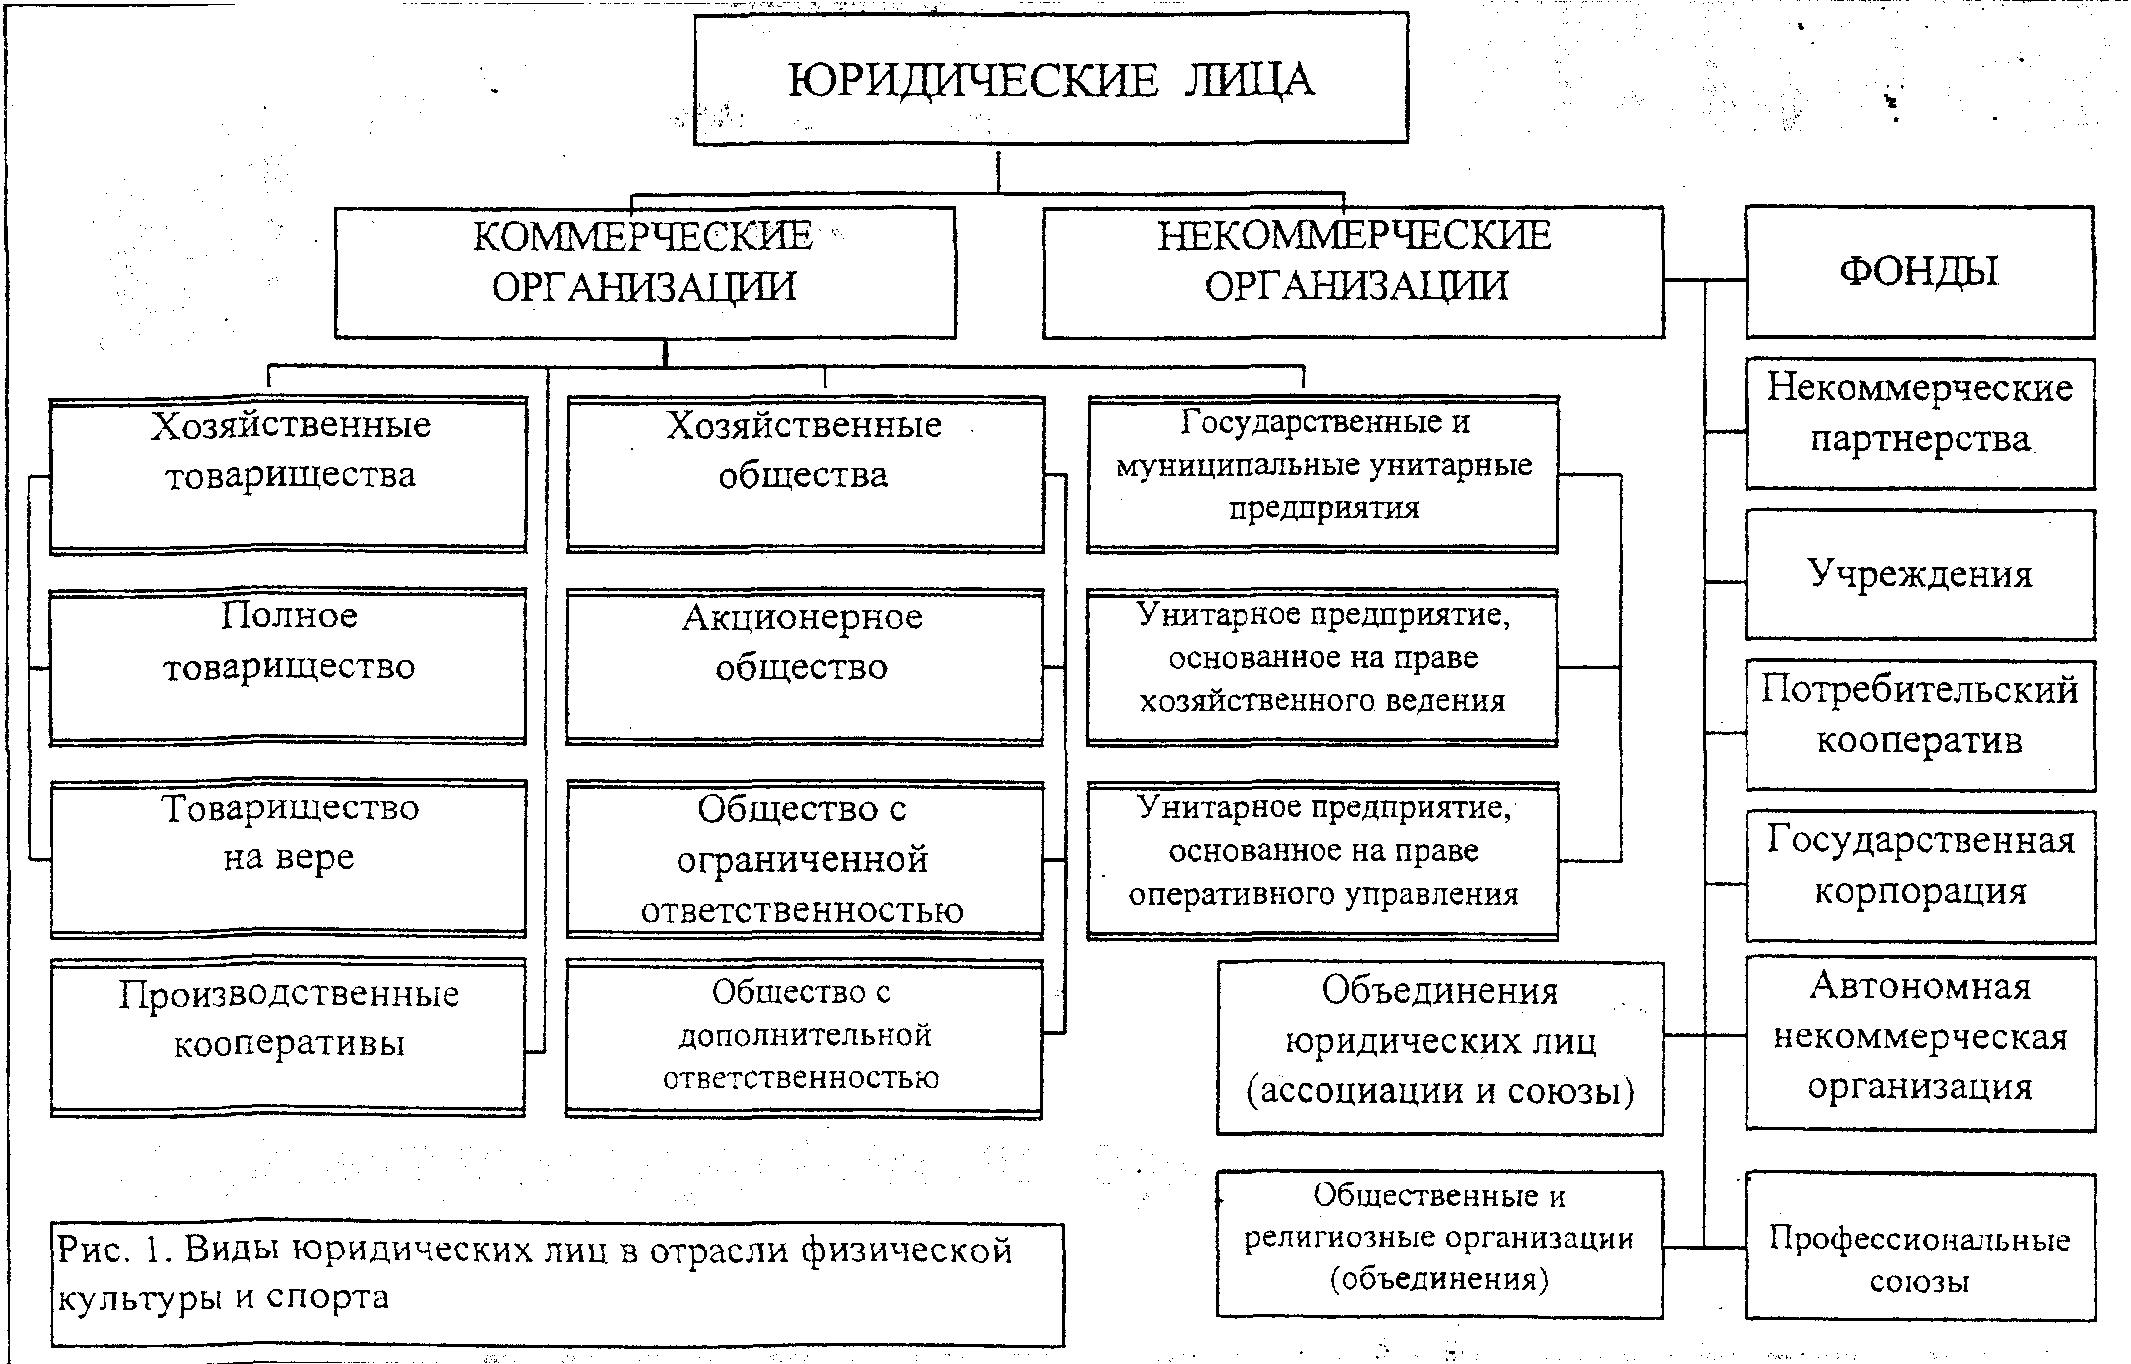 коммерческие и некоммерческие кооперативные организации